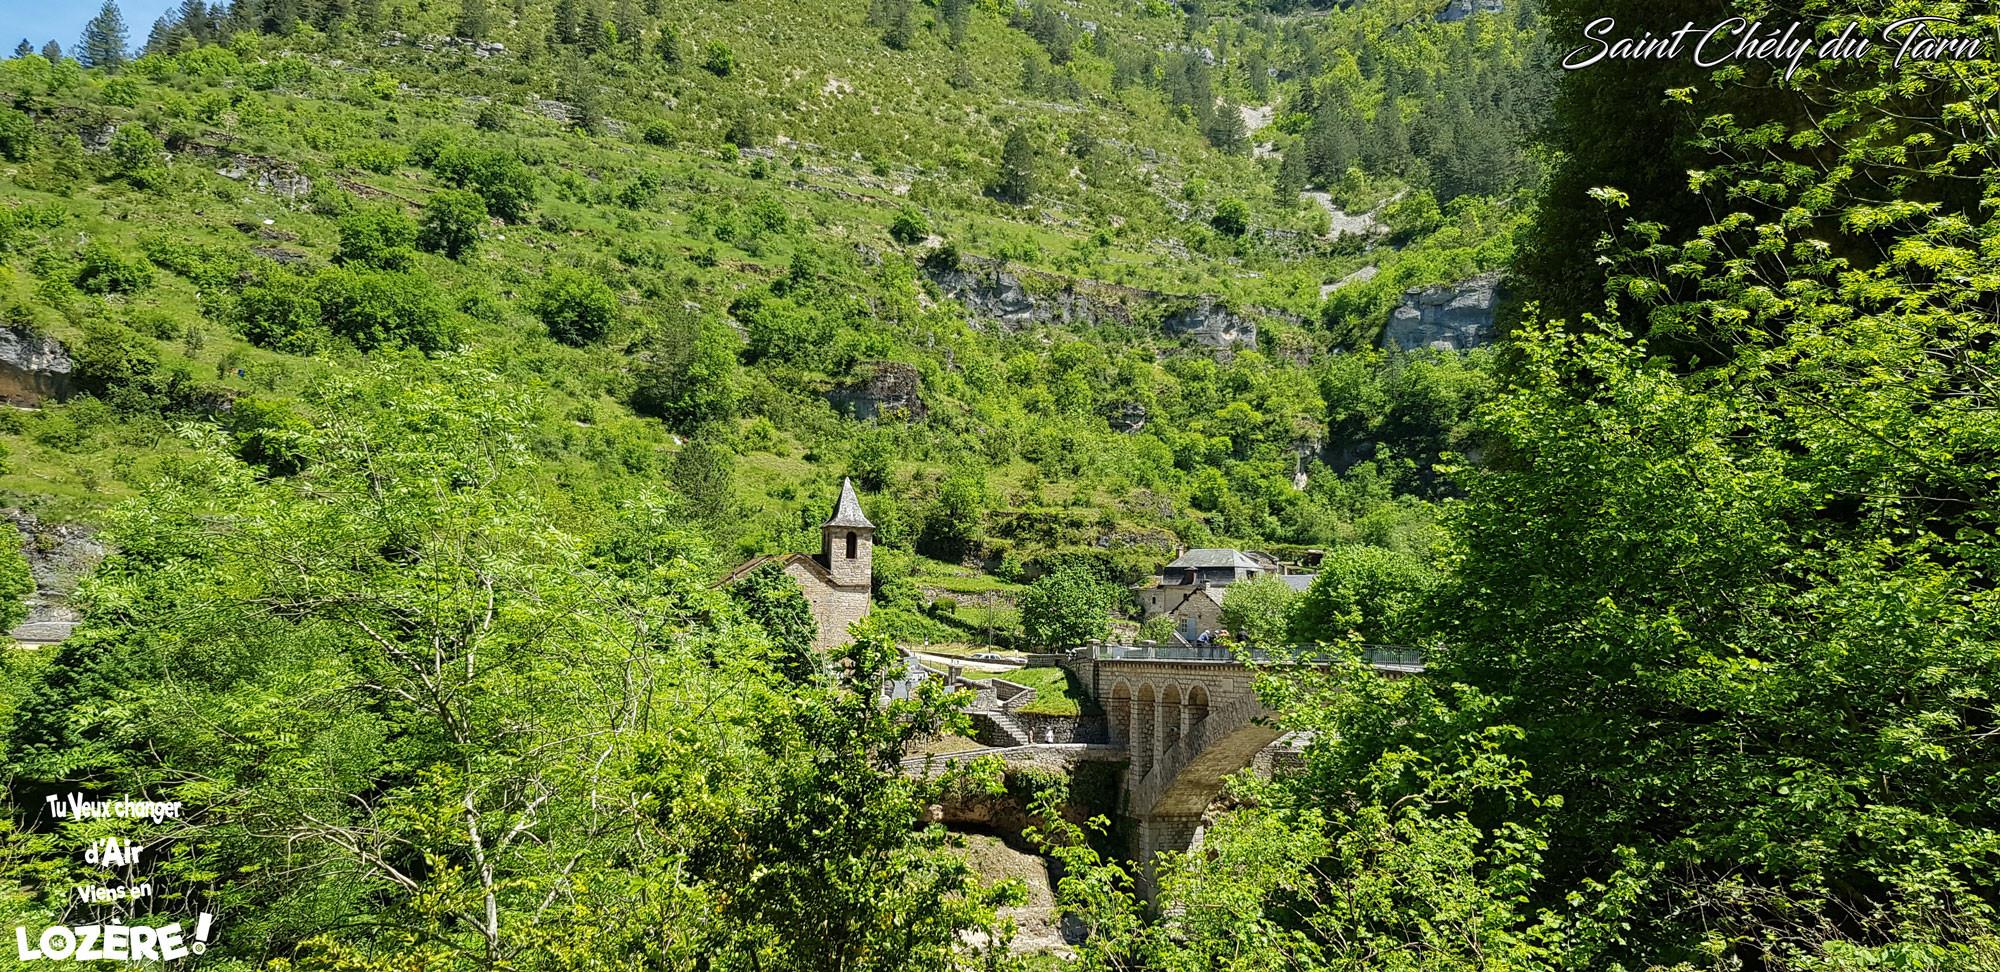 Saint-Chély-du-Tarn-2.jpg